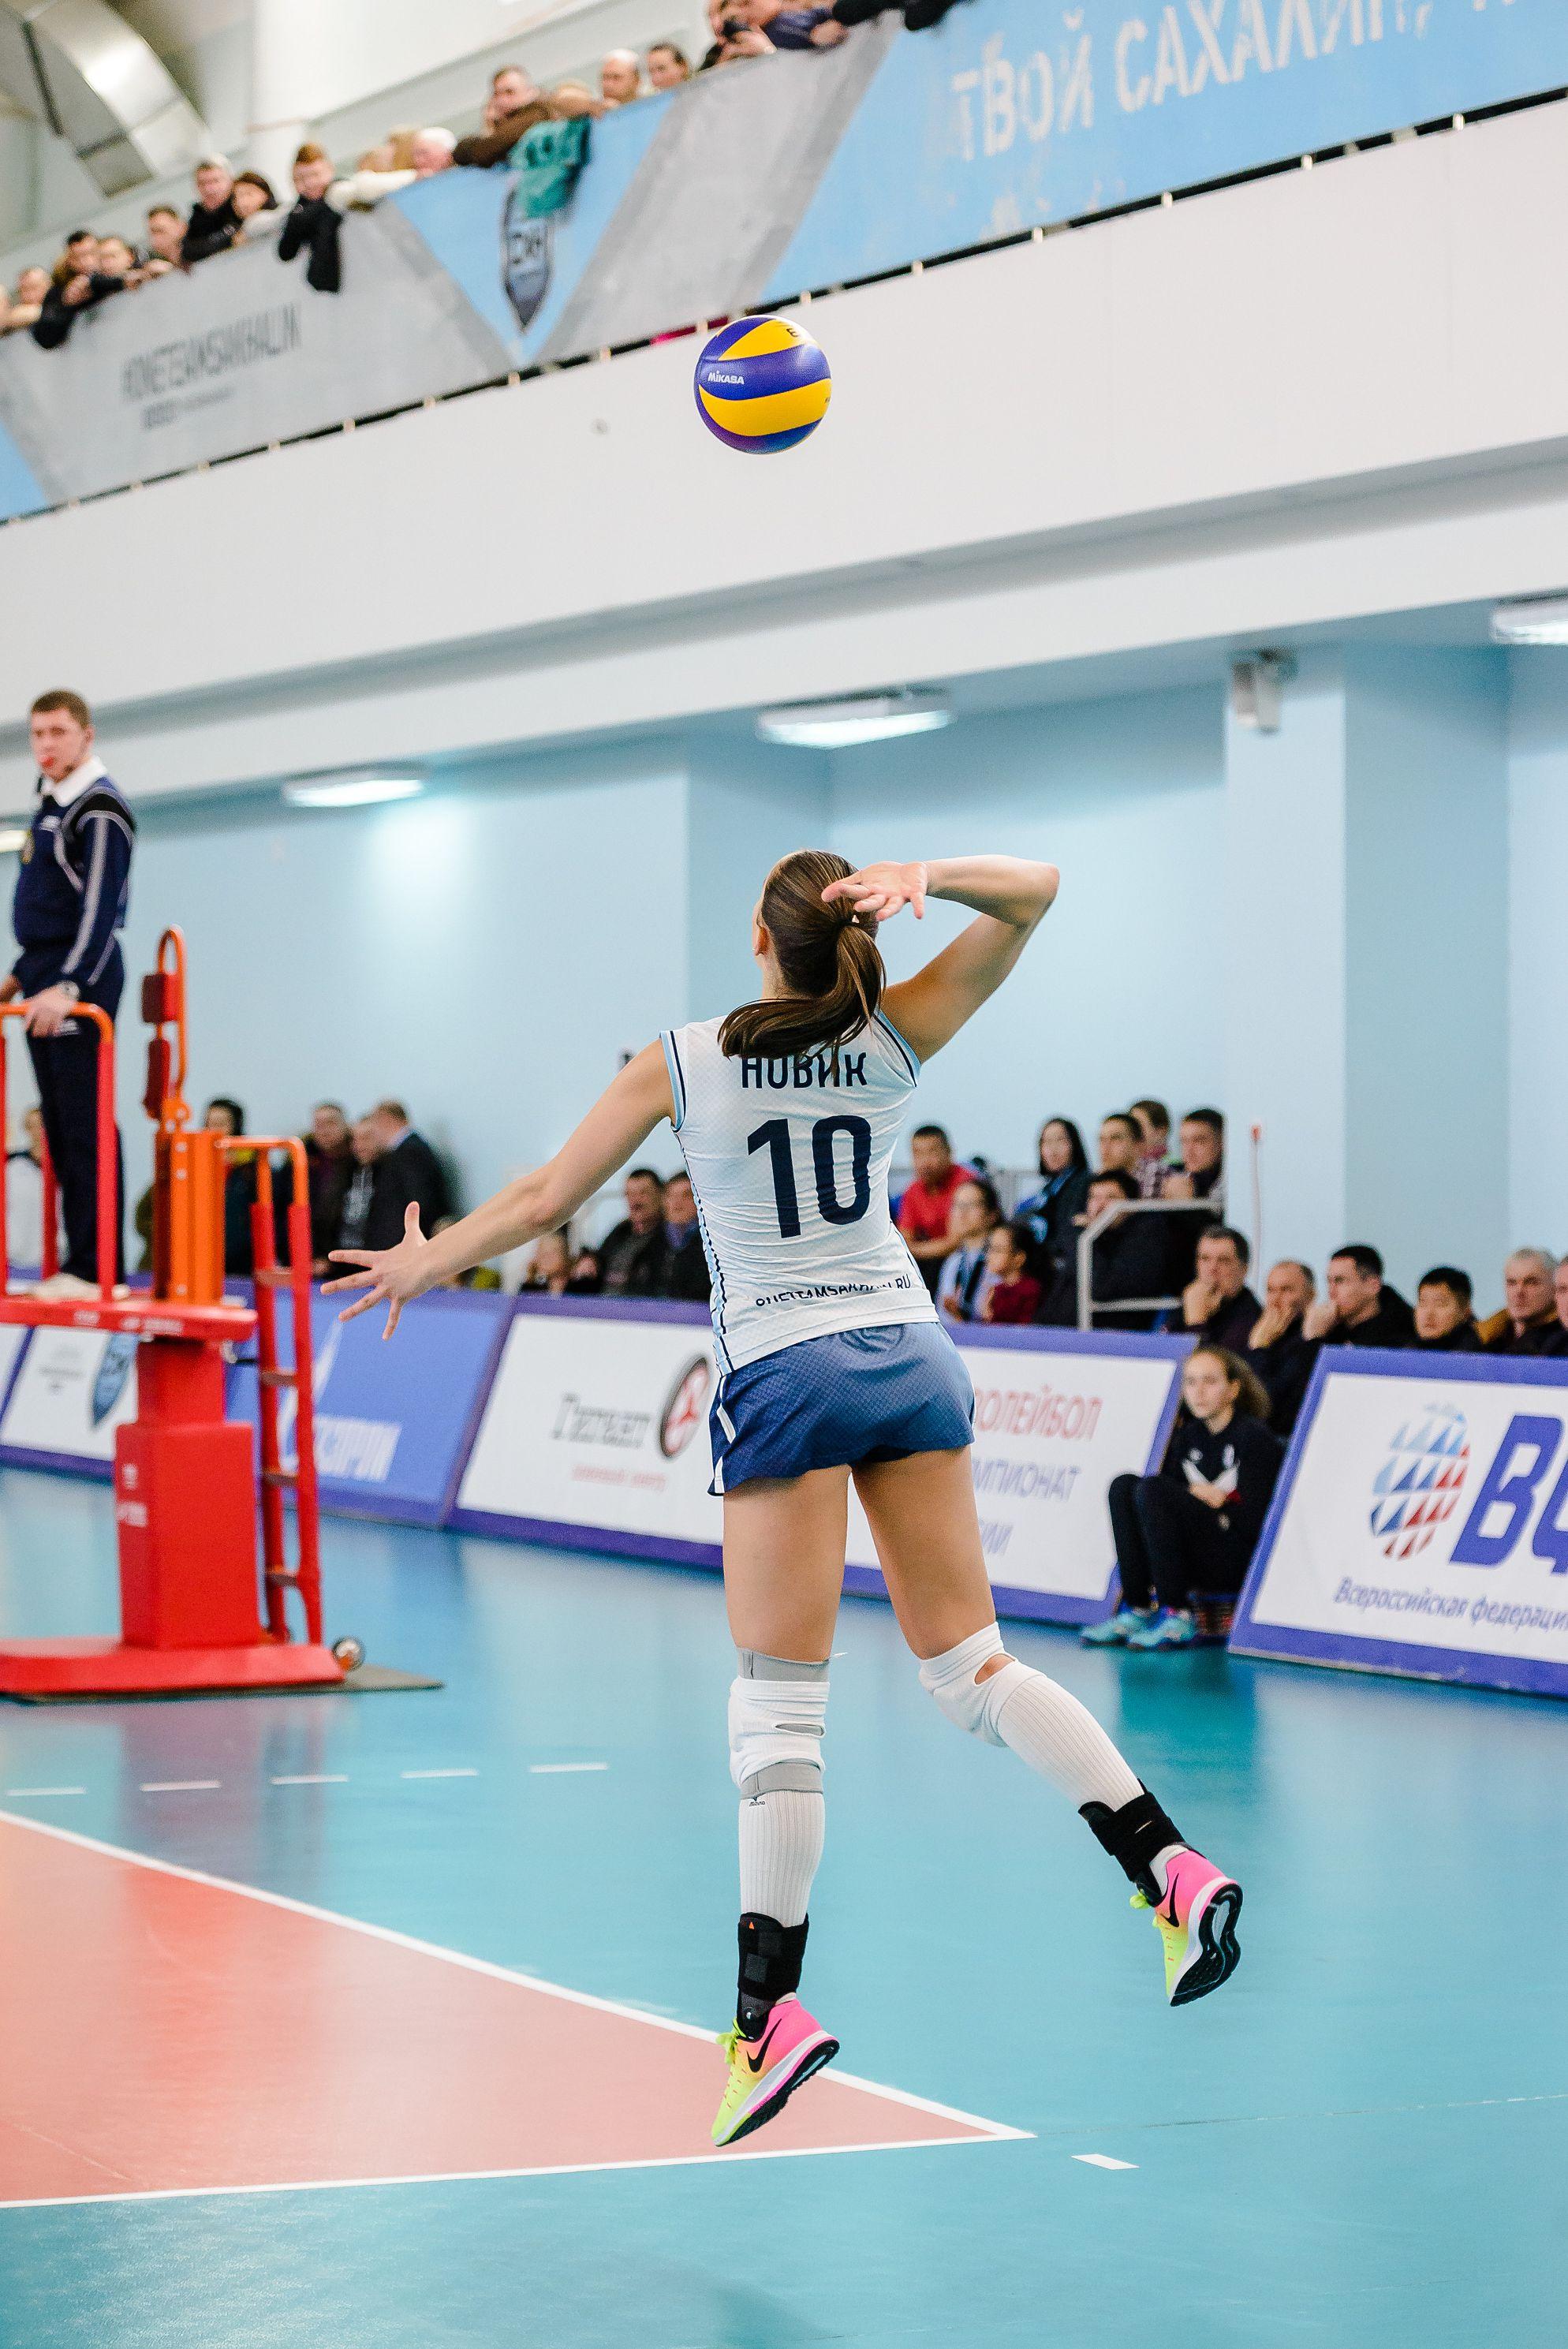 Елена Новик (№ 10): «Так получилось, что я с детских турниров начала играть под 10 номером! И в молодёжной сборной России тоже всегда выбирала его. Поэтому, если он свободный в команде, то мой выбор падает на него».